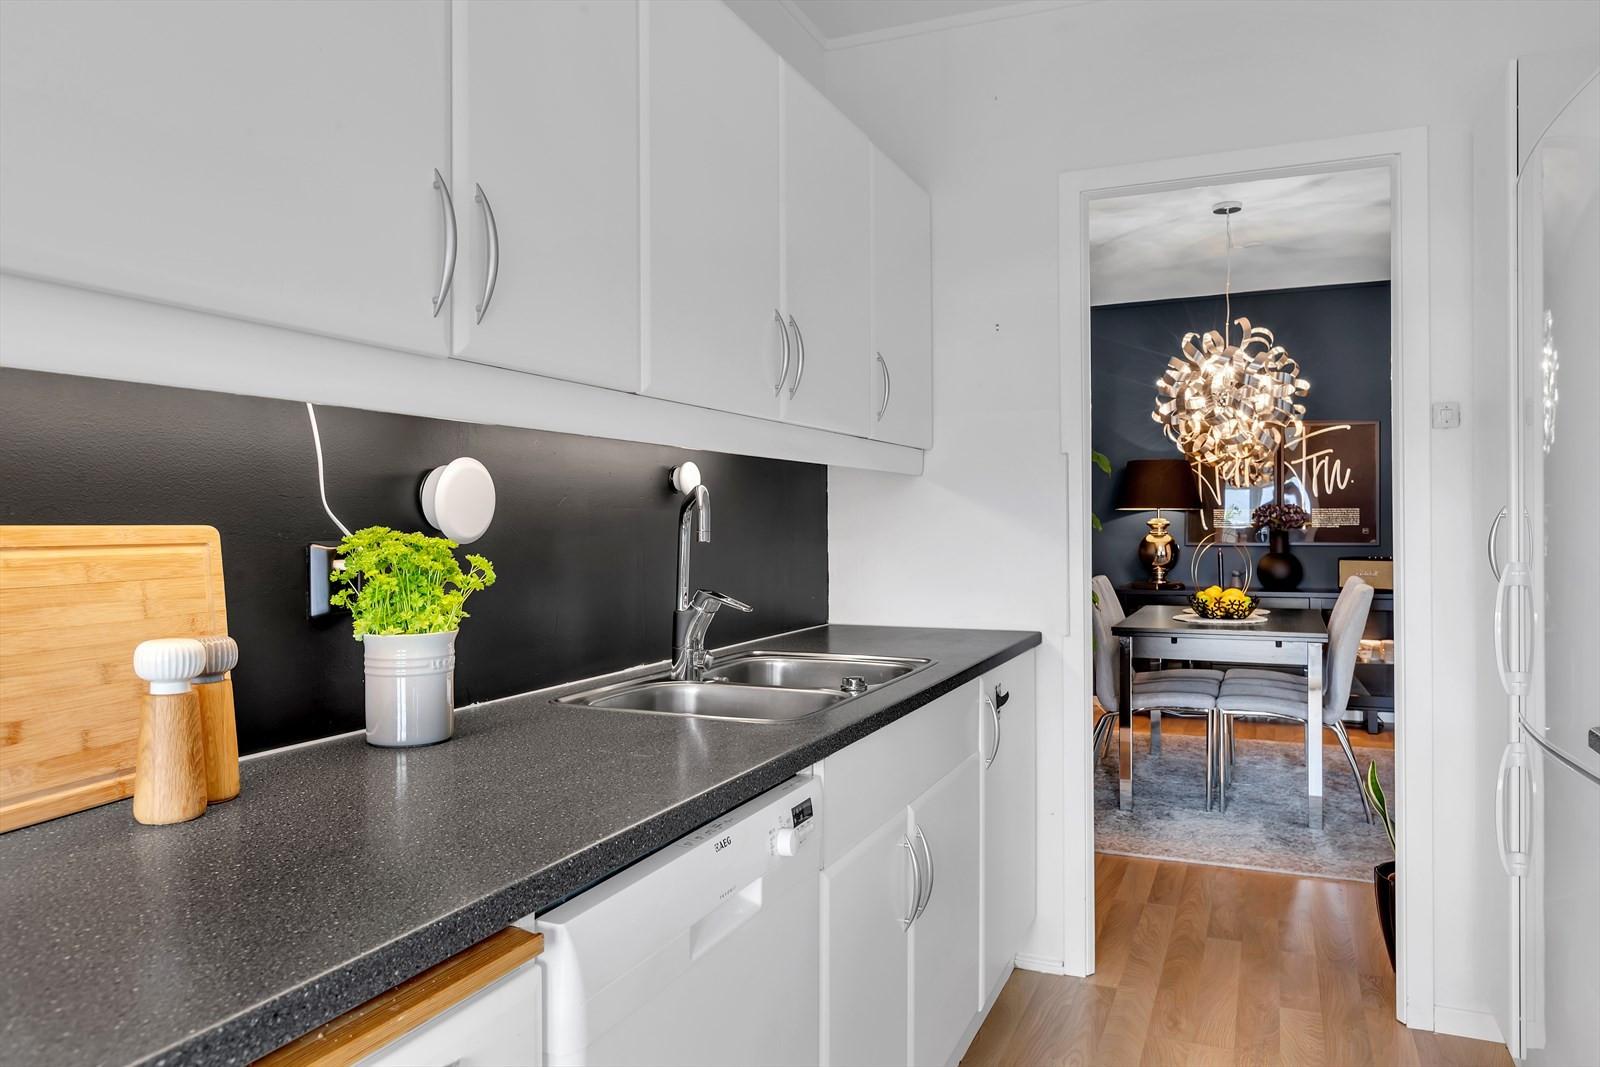 Lyst og innbydende kjøkken: God benke- og oppbevaringsplass